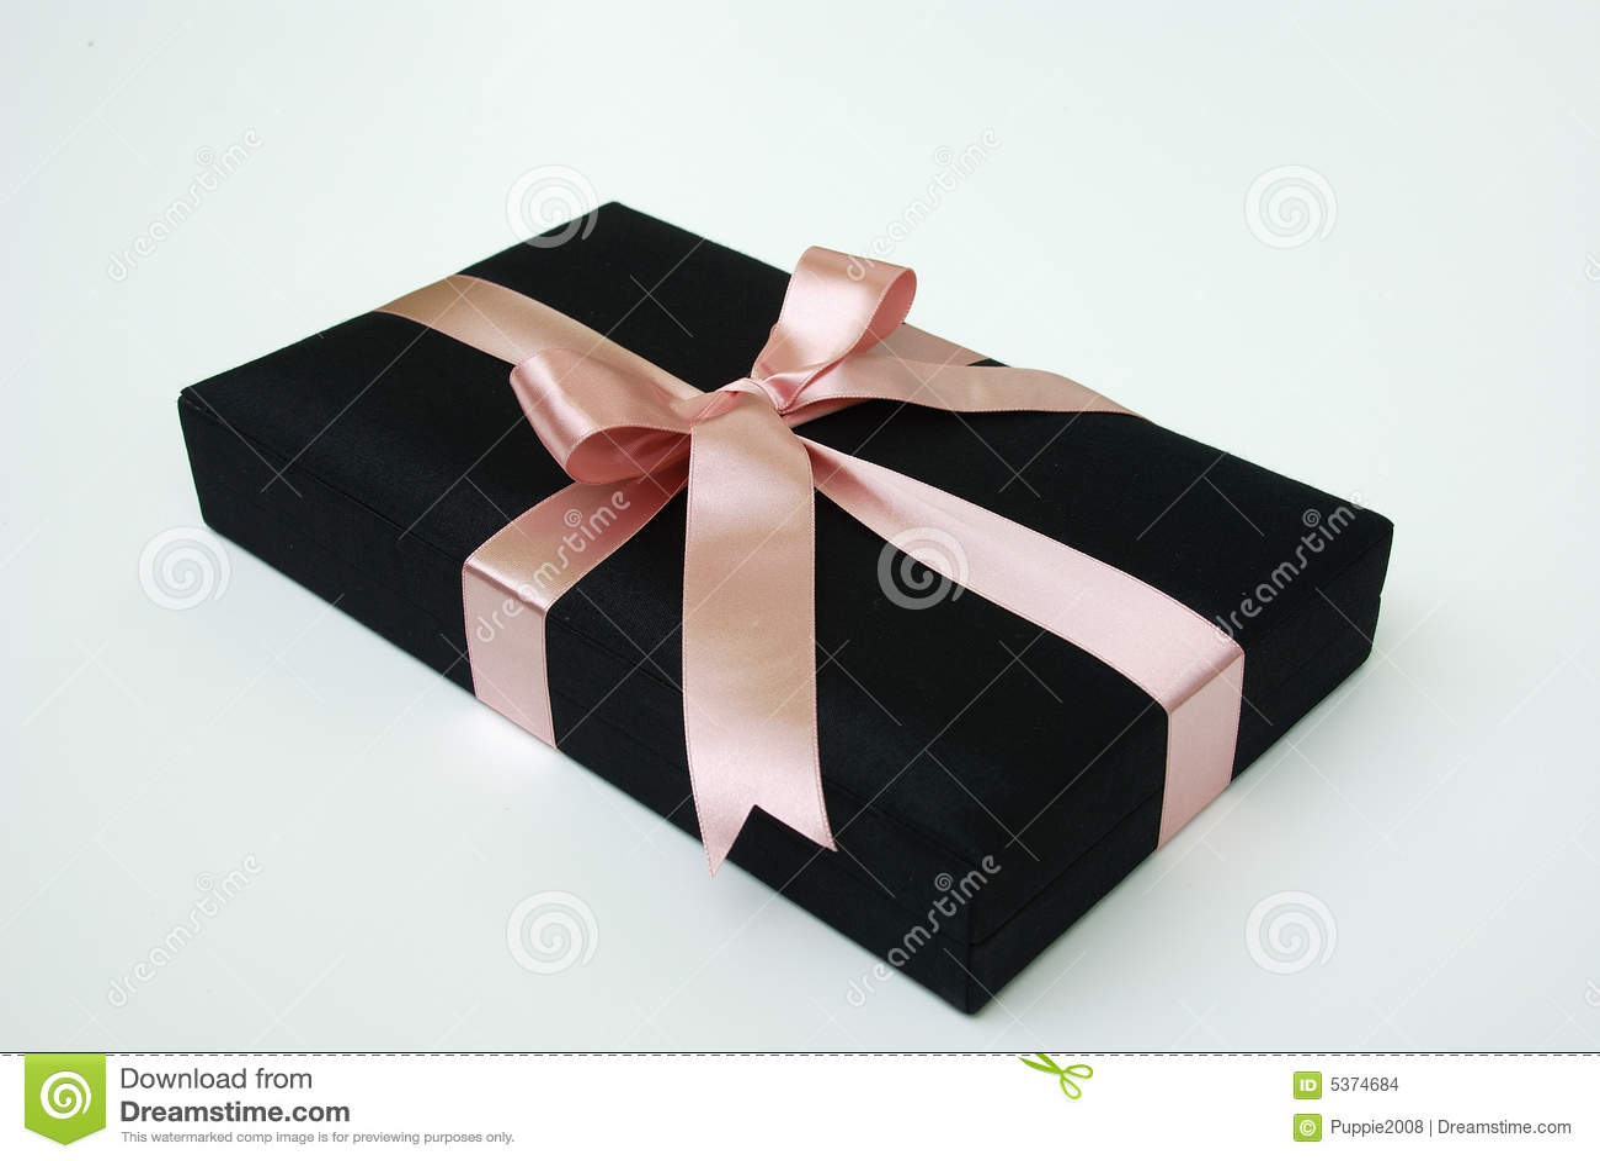 De doos van de gift thaise zijde stock foto afbeelding 5374684 - Doos huis wereld ...